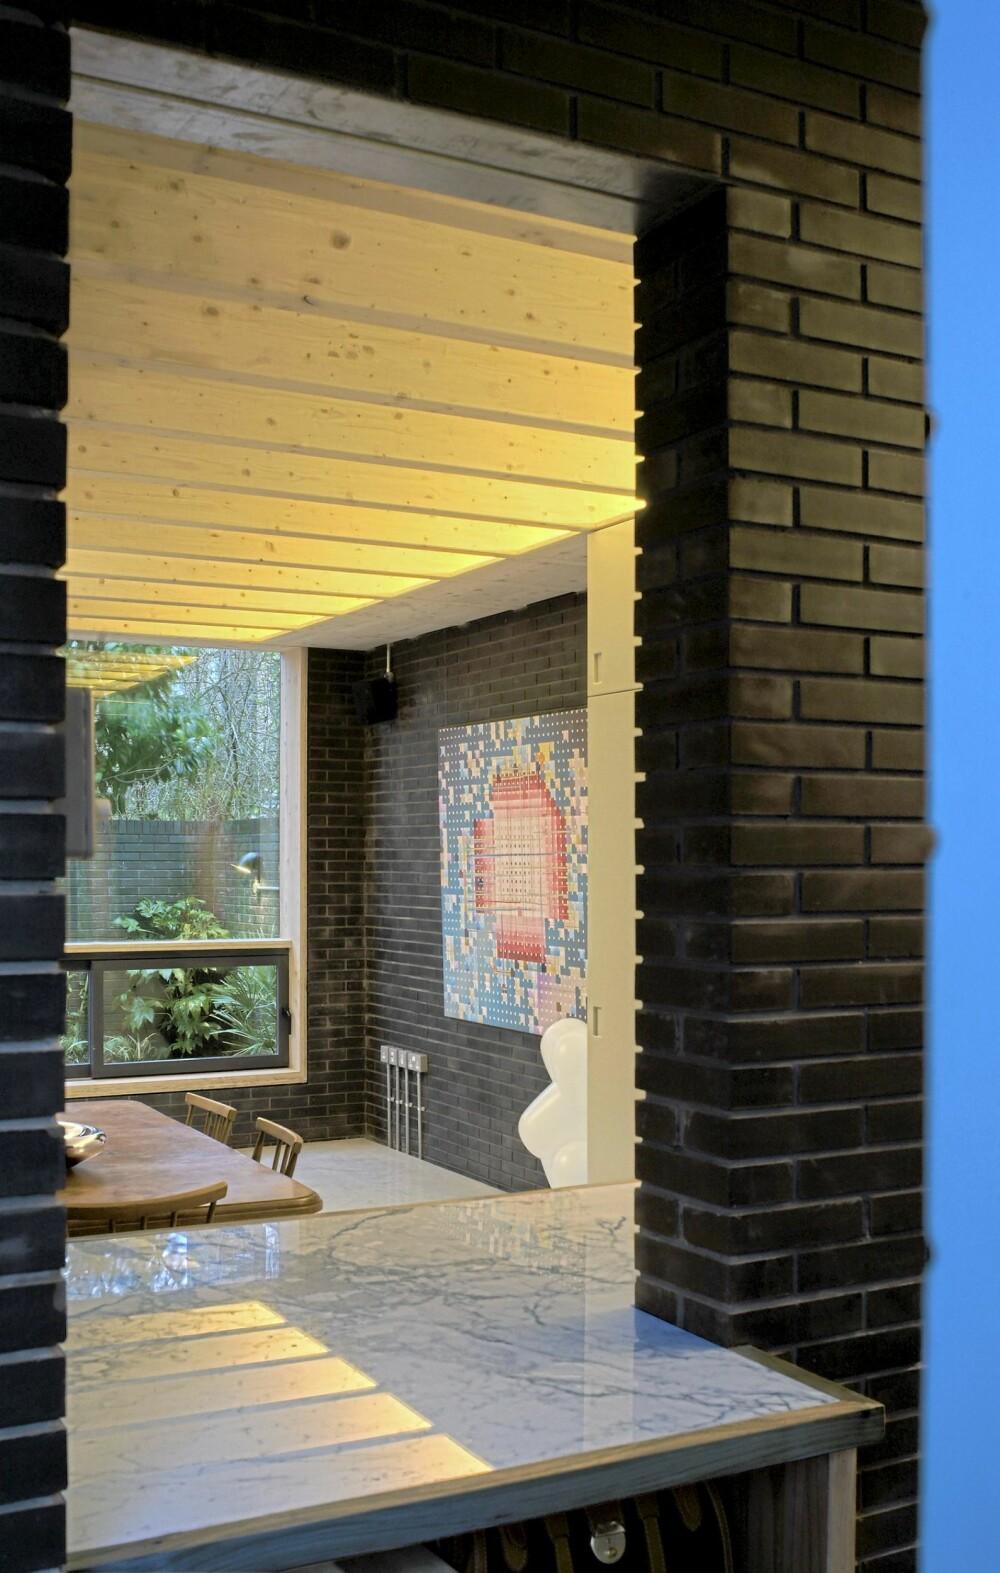 KREVENDE PROSESS: Huset og prosjektet er imponerende, ikke bare fordi det har en særpreget estetikk, men også fordi kostnadene har vært lave.